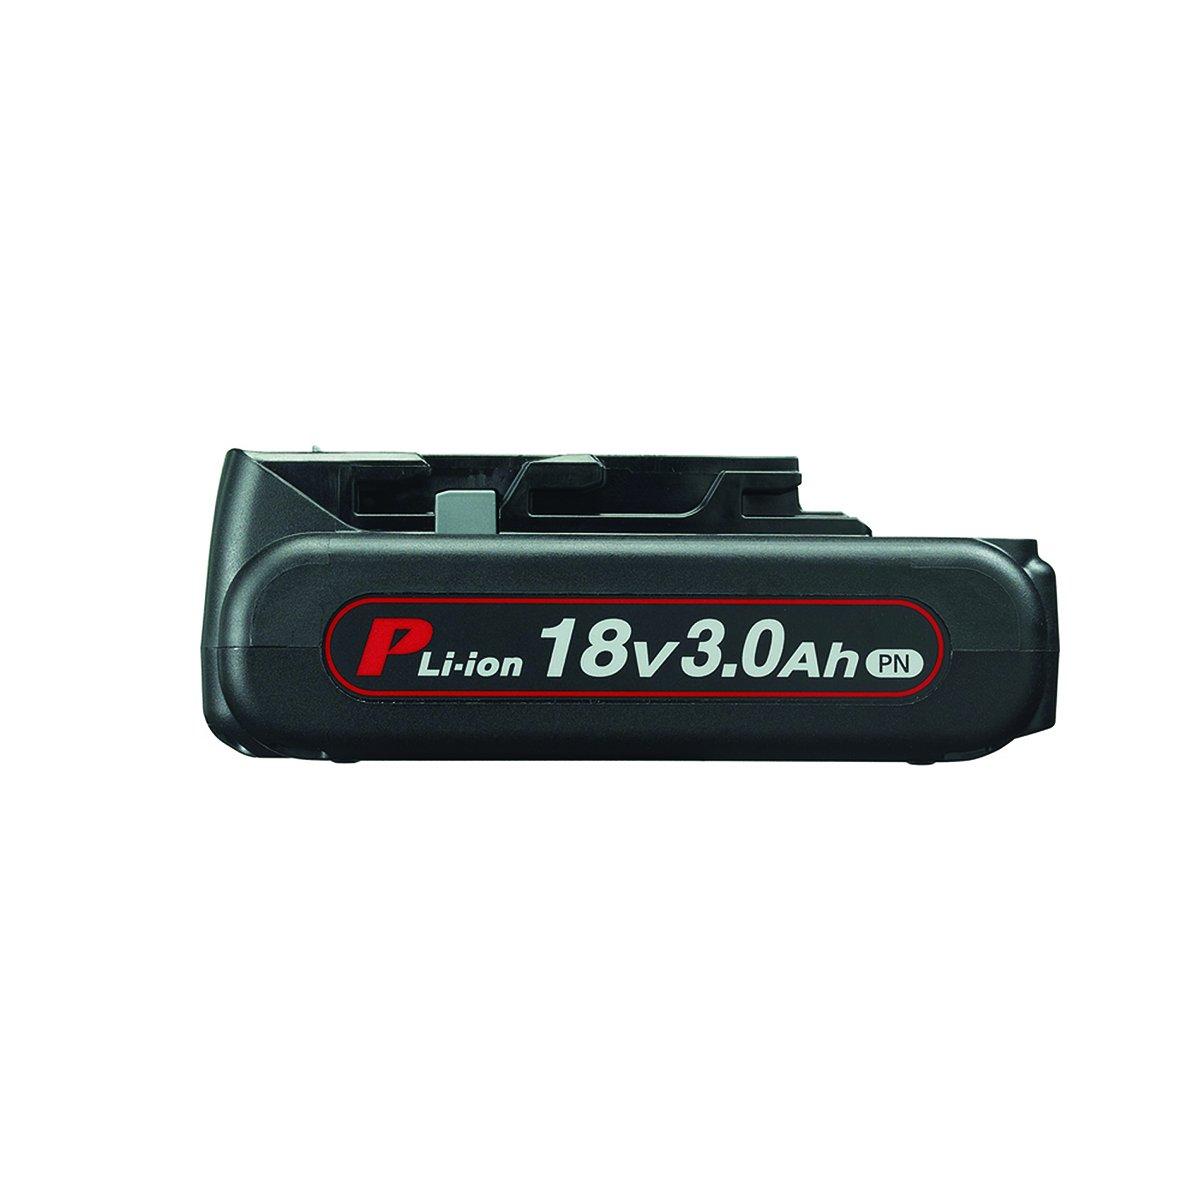 パナソニック(Panasonic) 電池パック 18V 3.0Ah EZ9L53 B013CYSY58